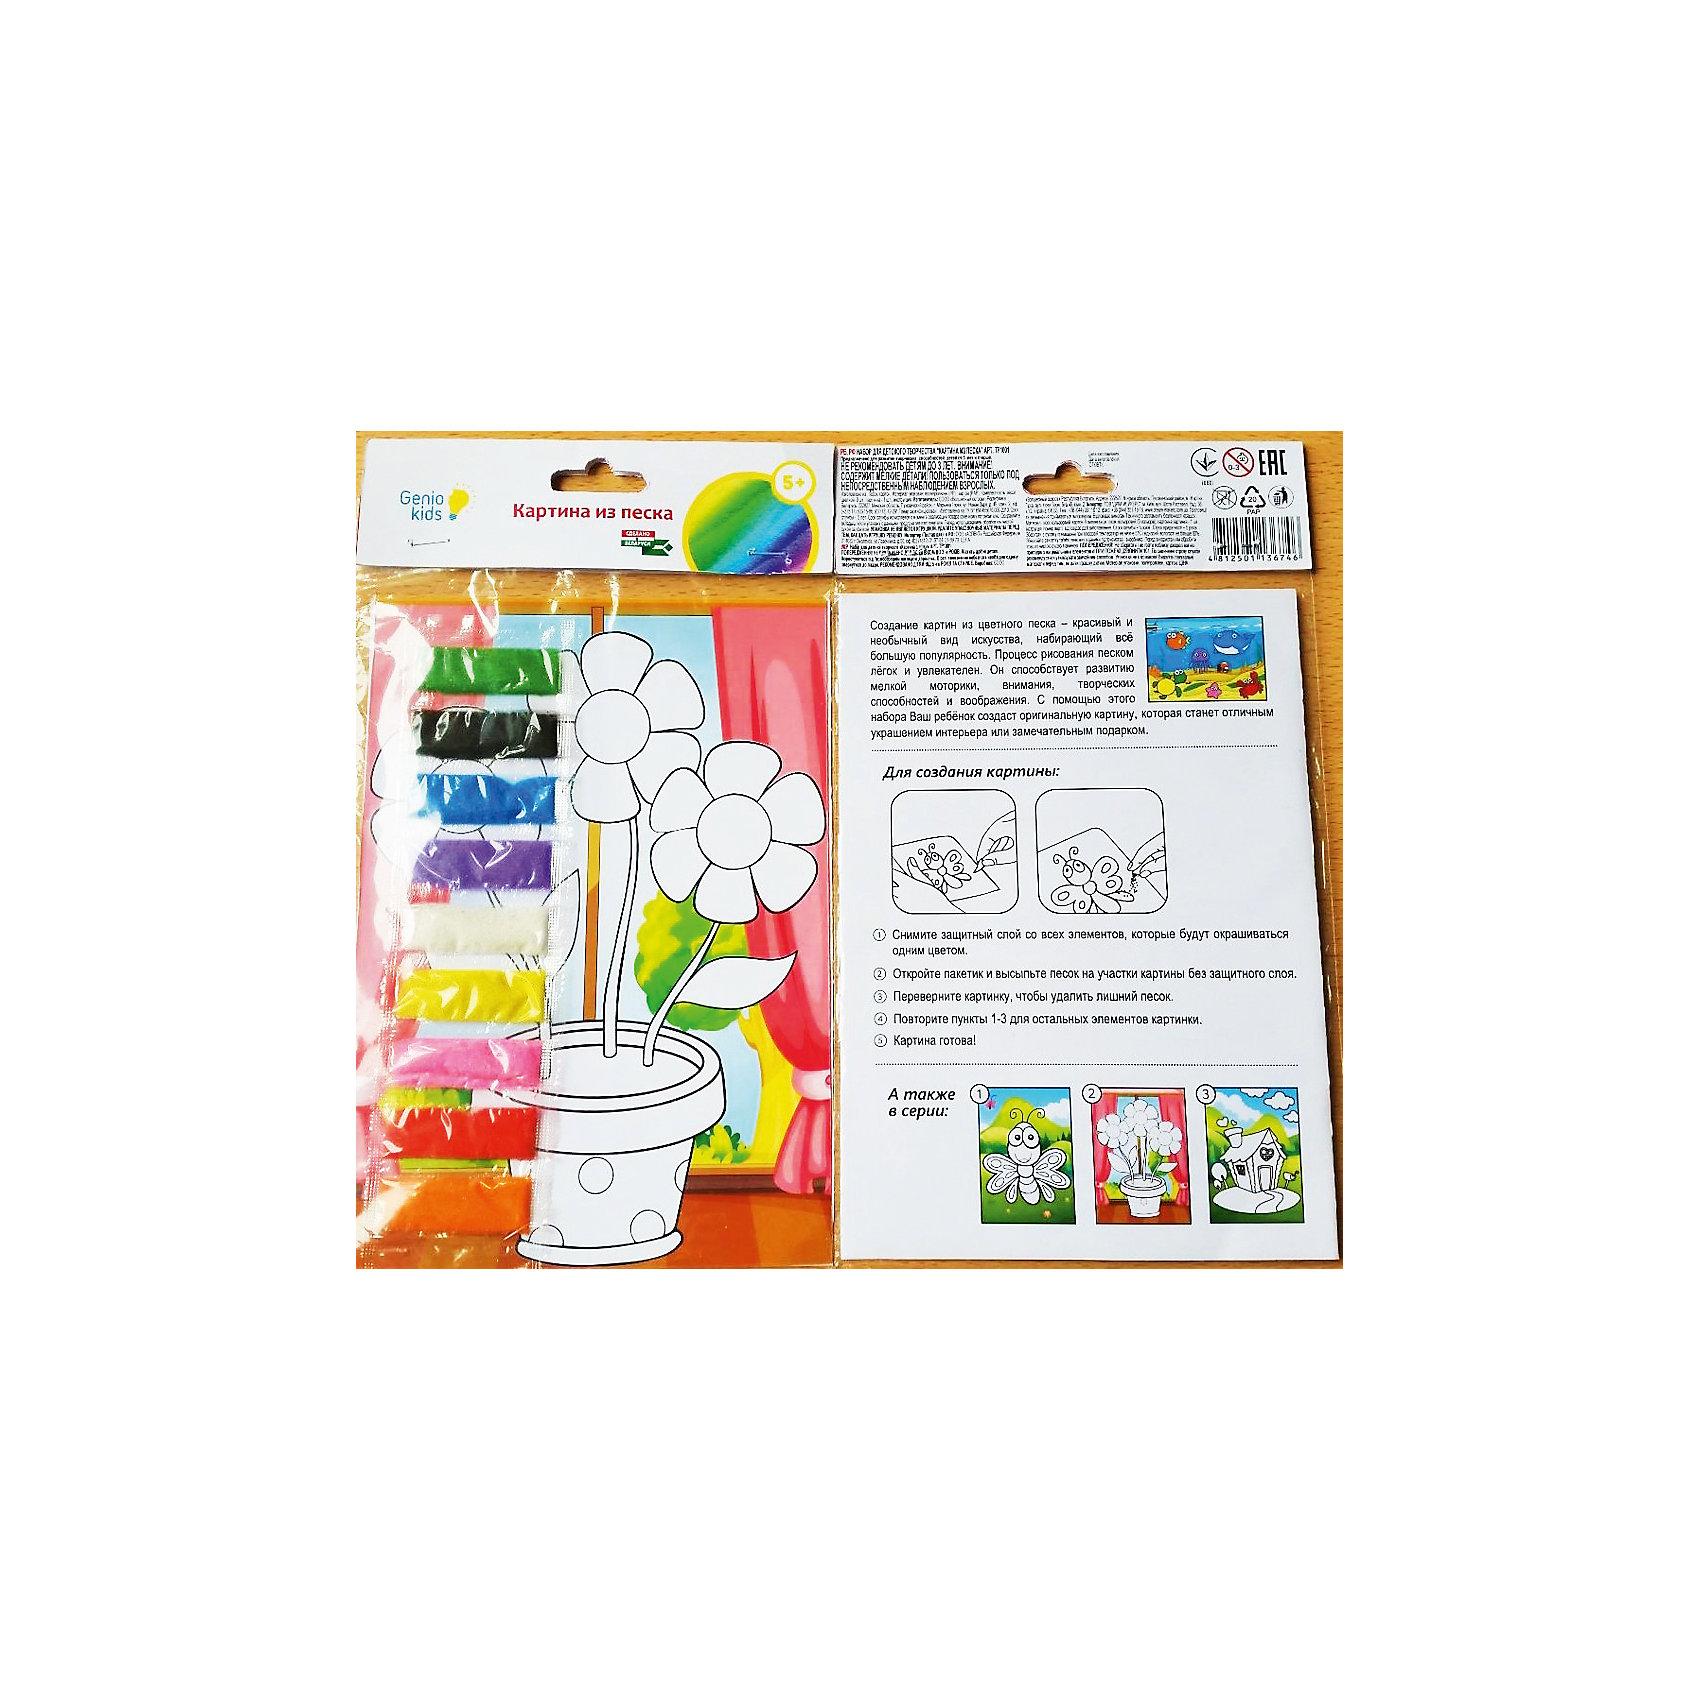 Genio Kids Набор для детского творчества Картина из песка набор для детского творчества набор веселая кондитерская 1 кг